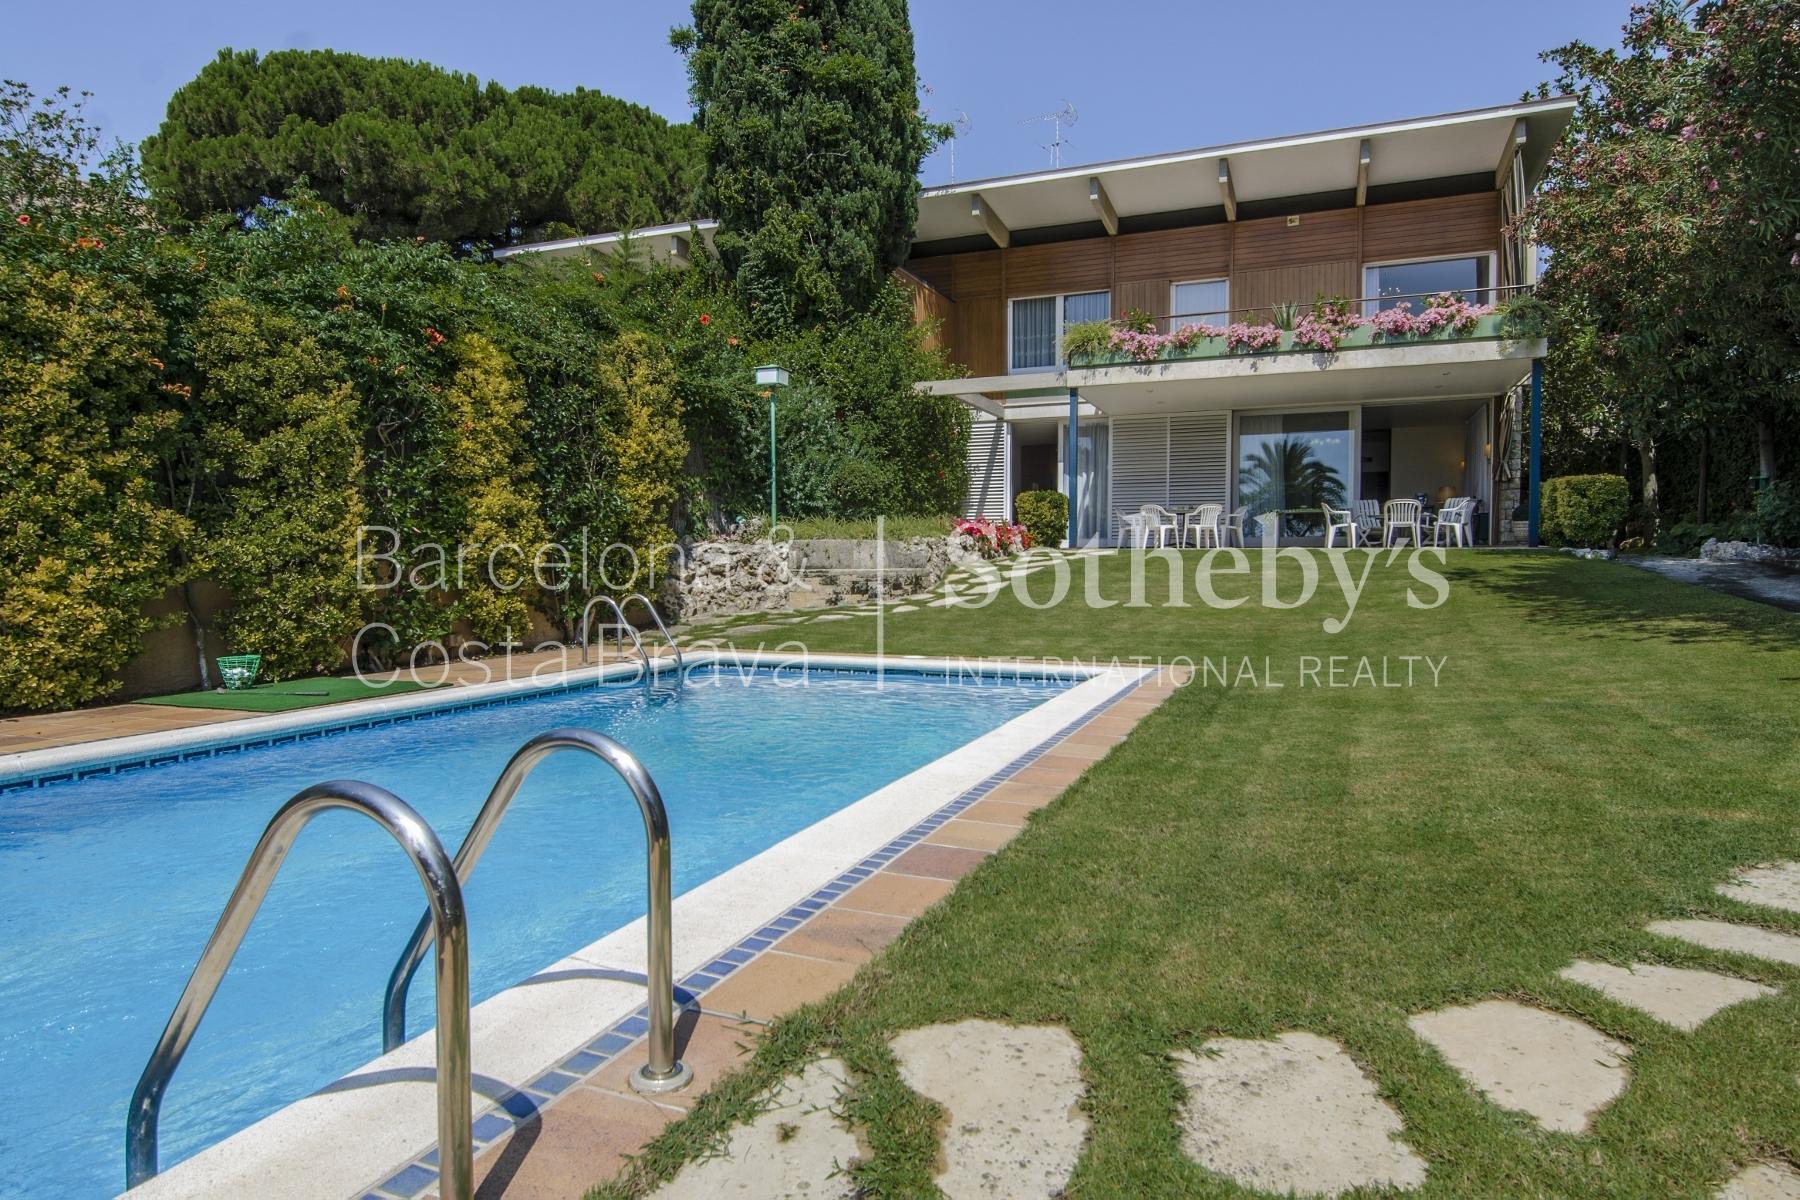 단독 가정 주택 용 매매 에 Exclusive Seafront House for Sale in Caldes d'Estrac Sant Andreu De Llavaneres, Barcelona 08392 스페인